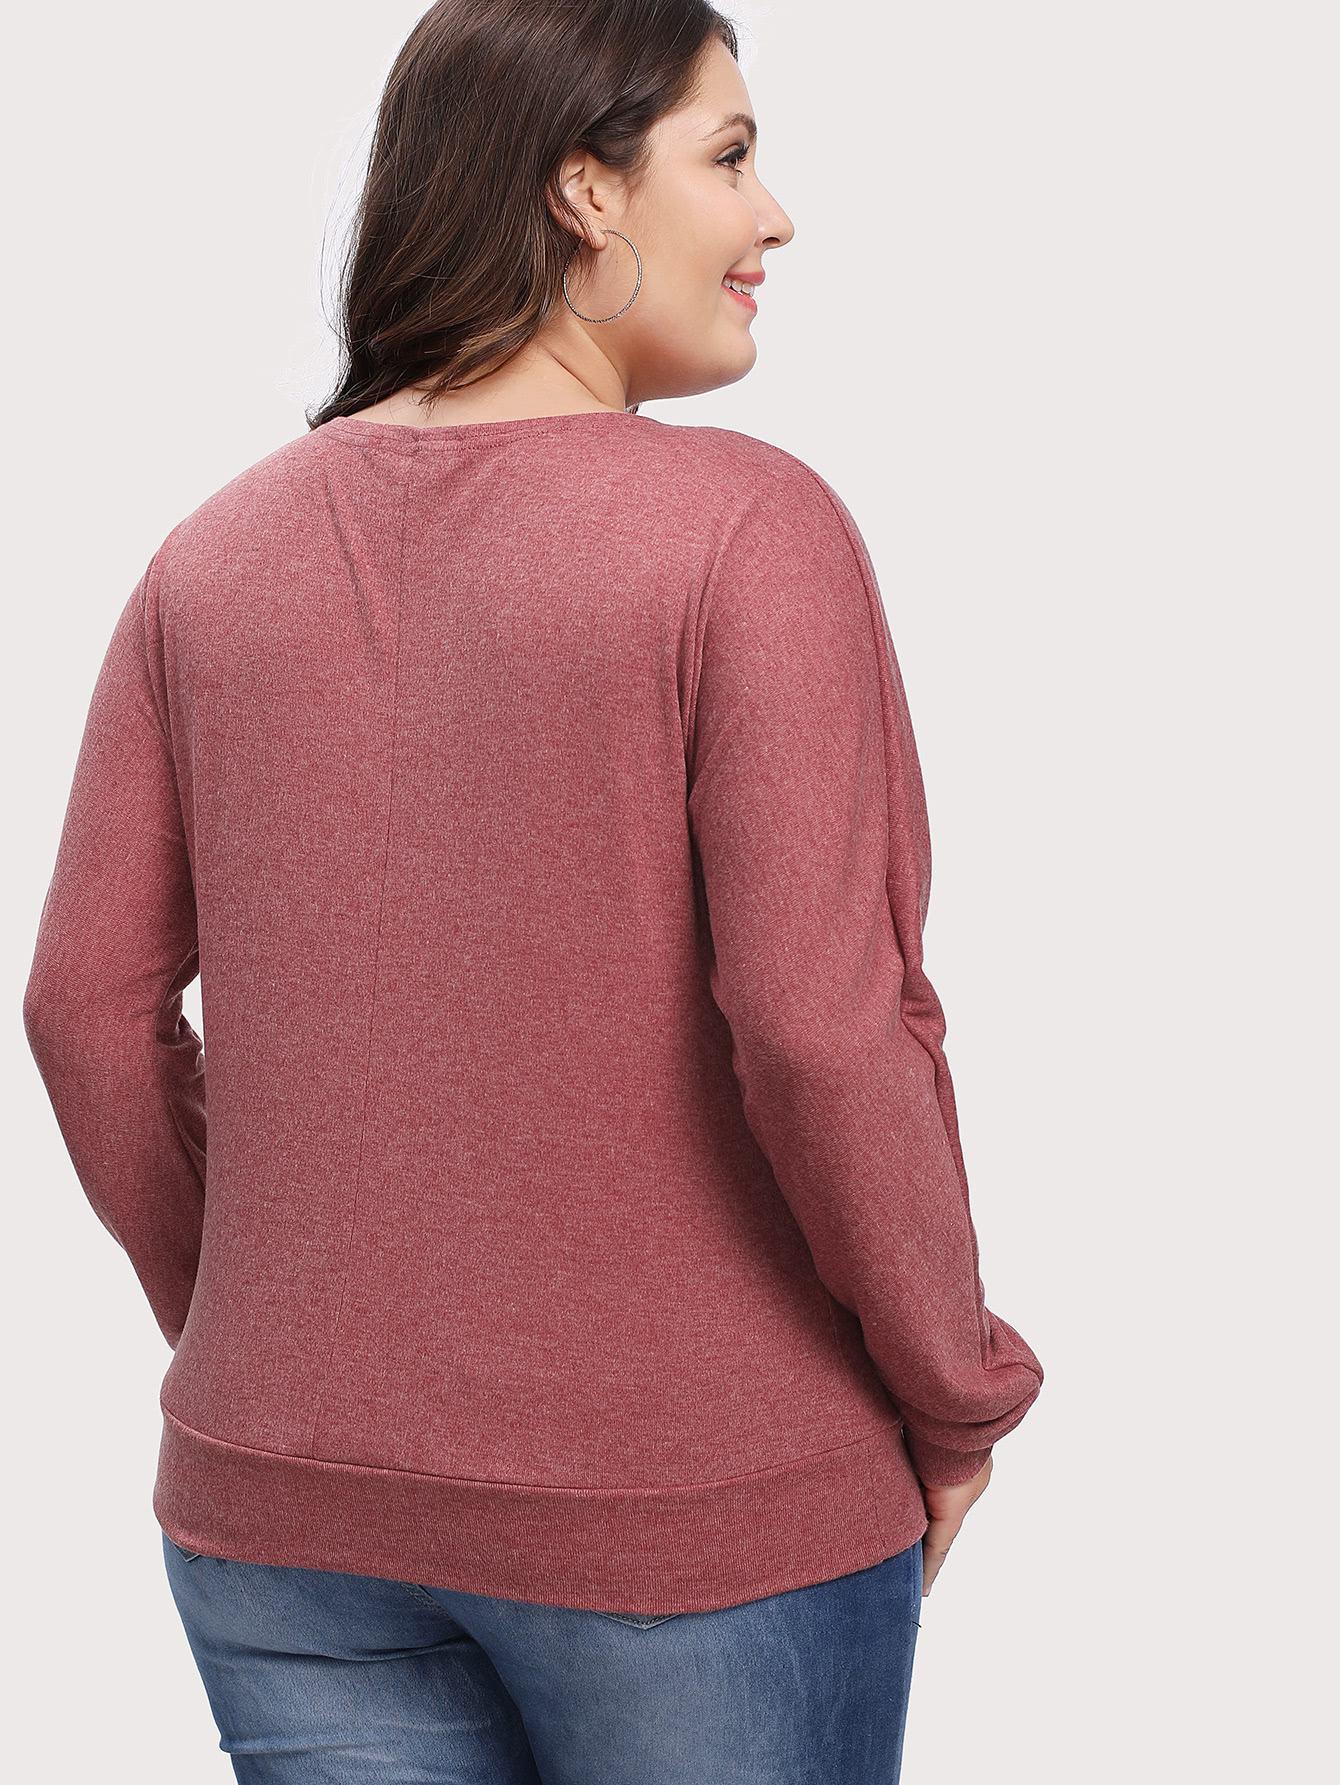 camiseta de punto con botones - shein espa09a